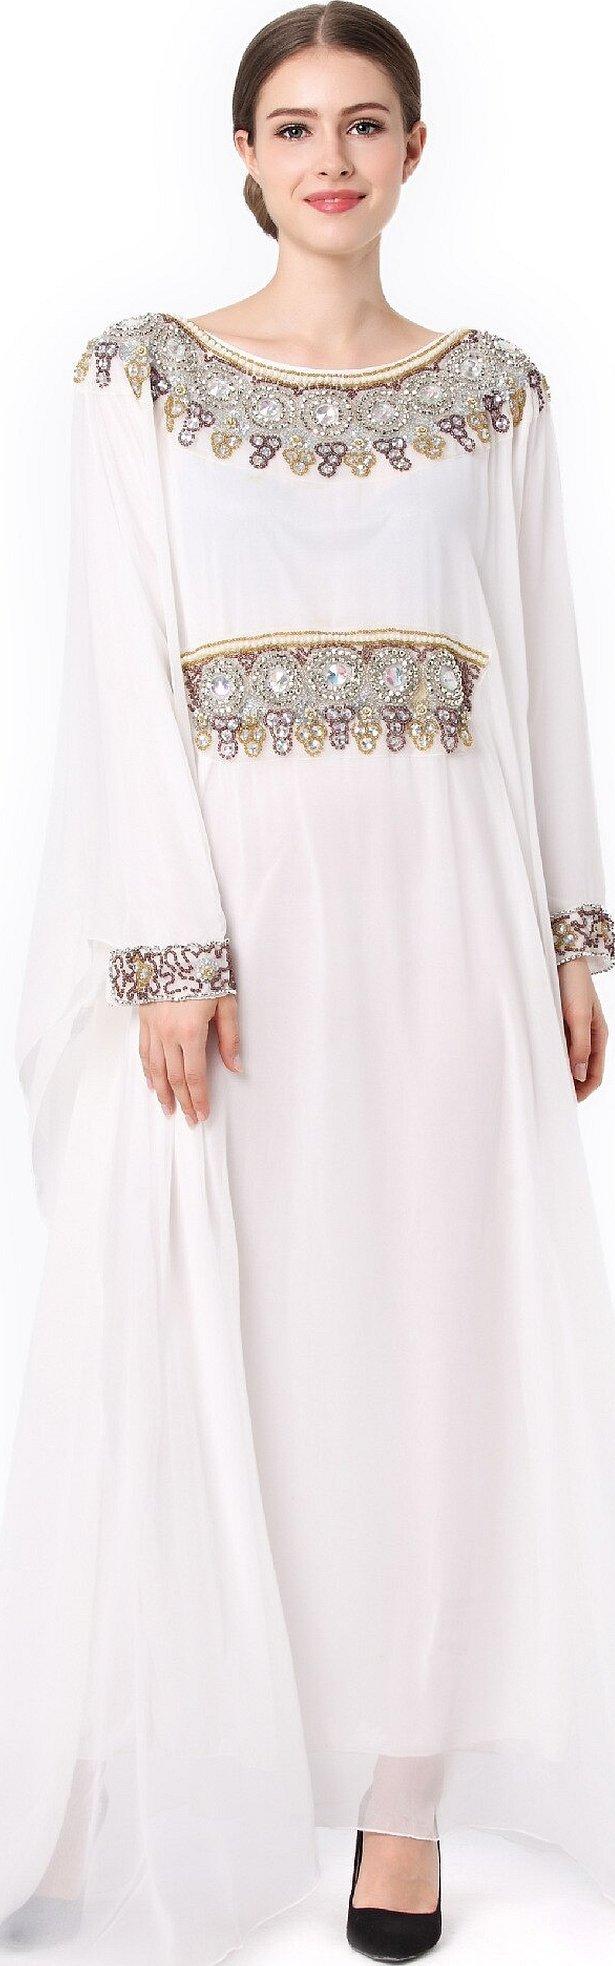 Мусульманские платья для женщин